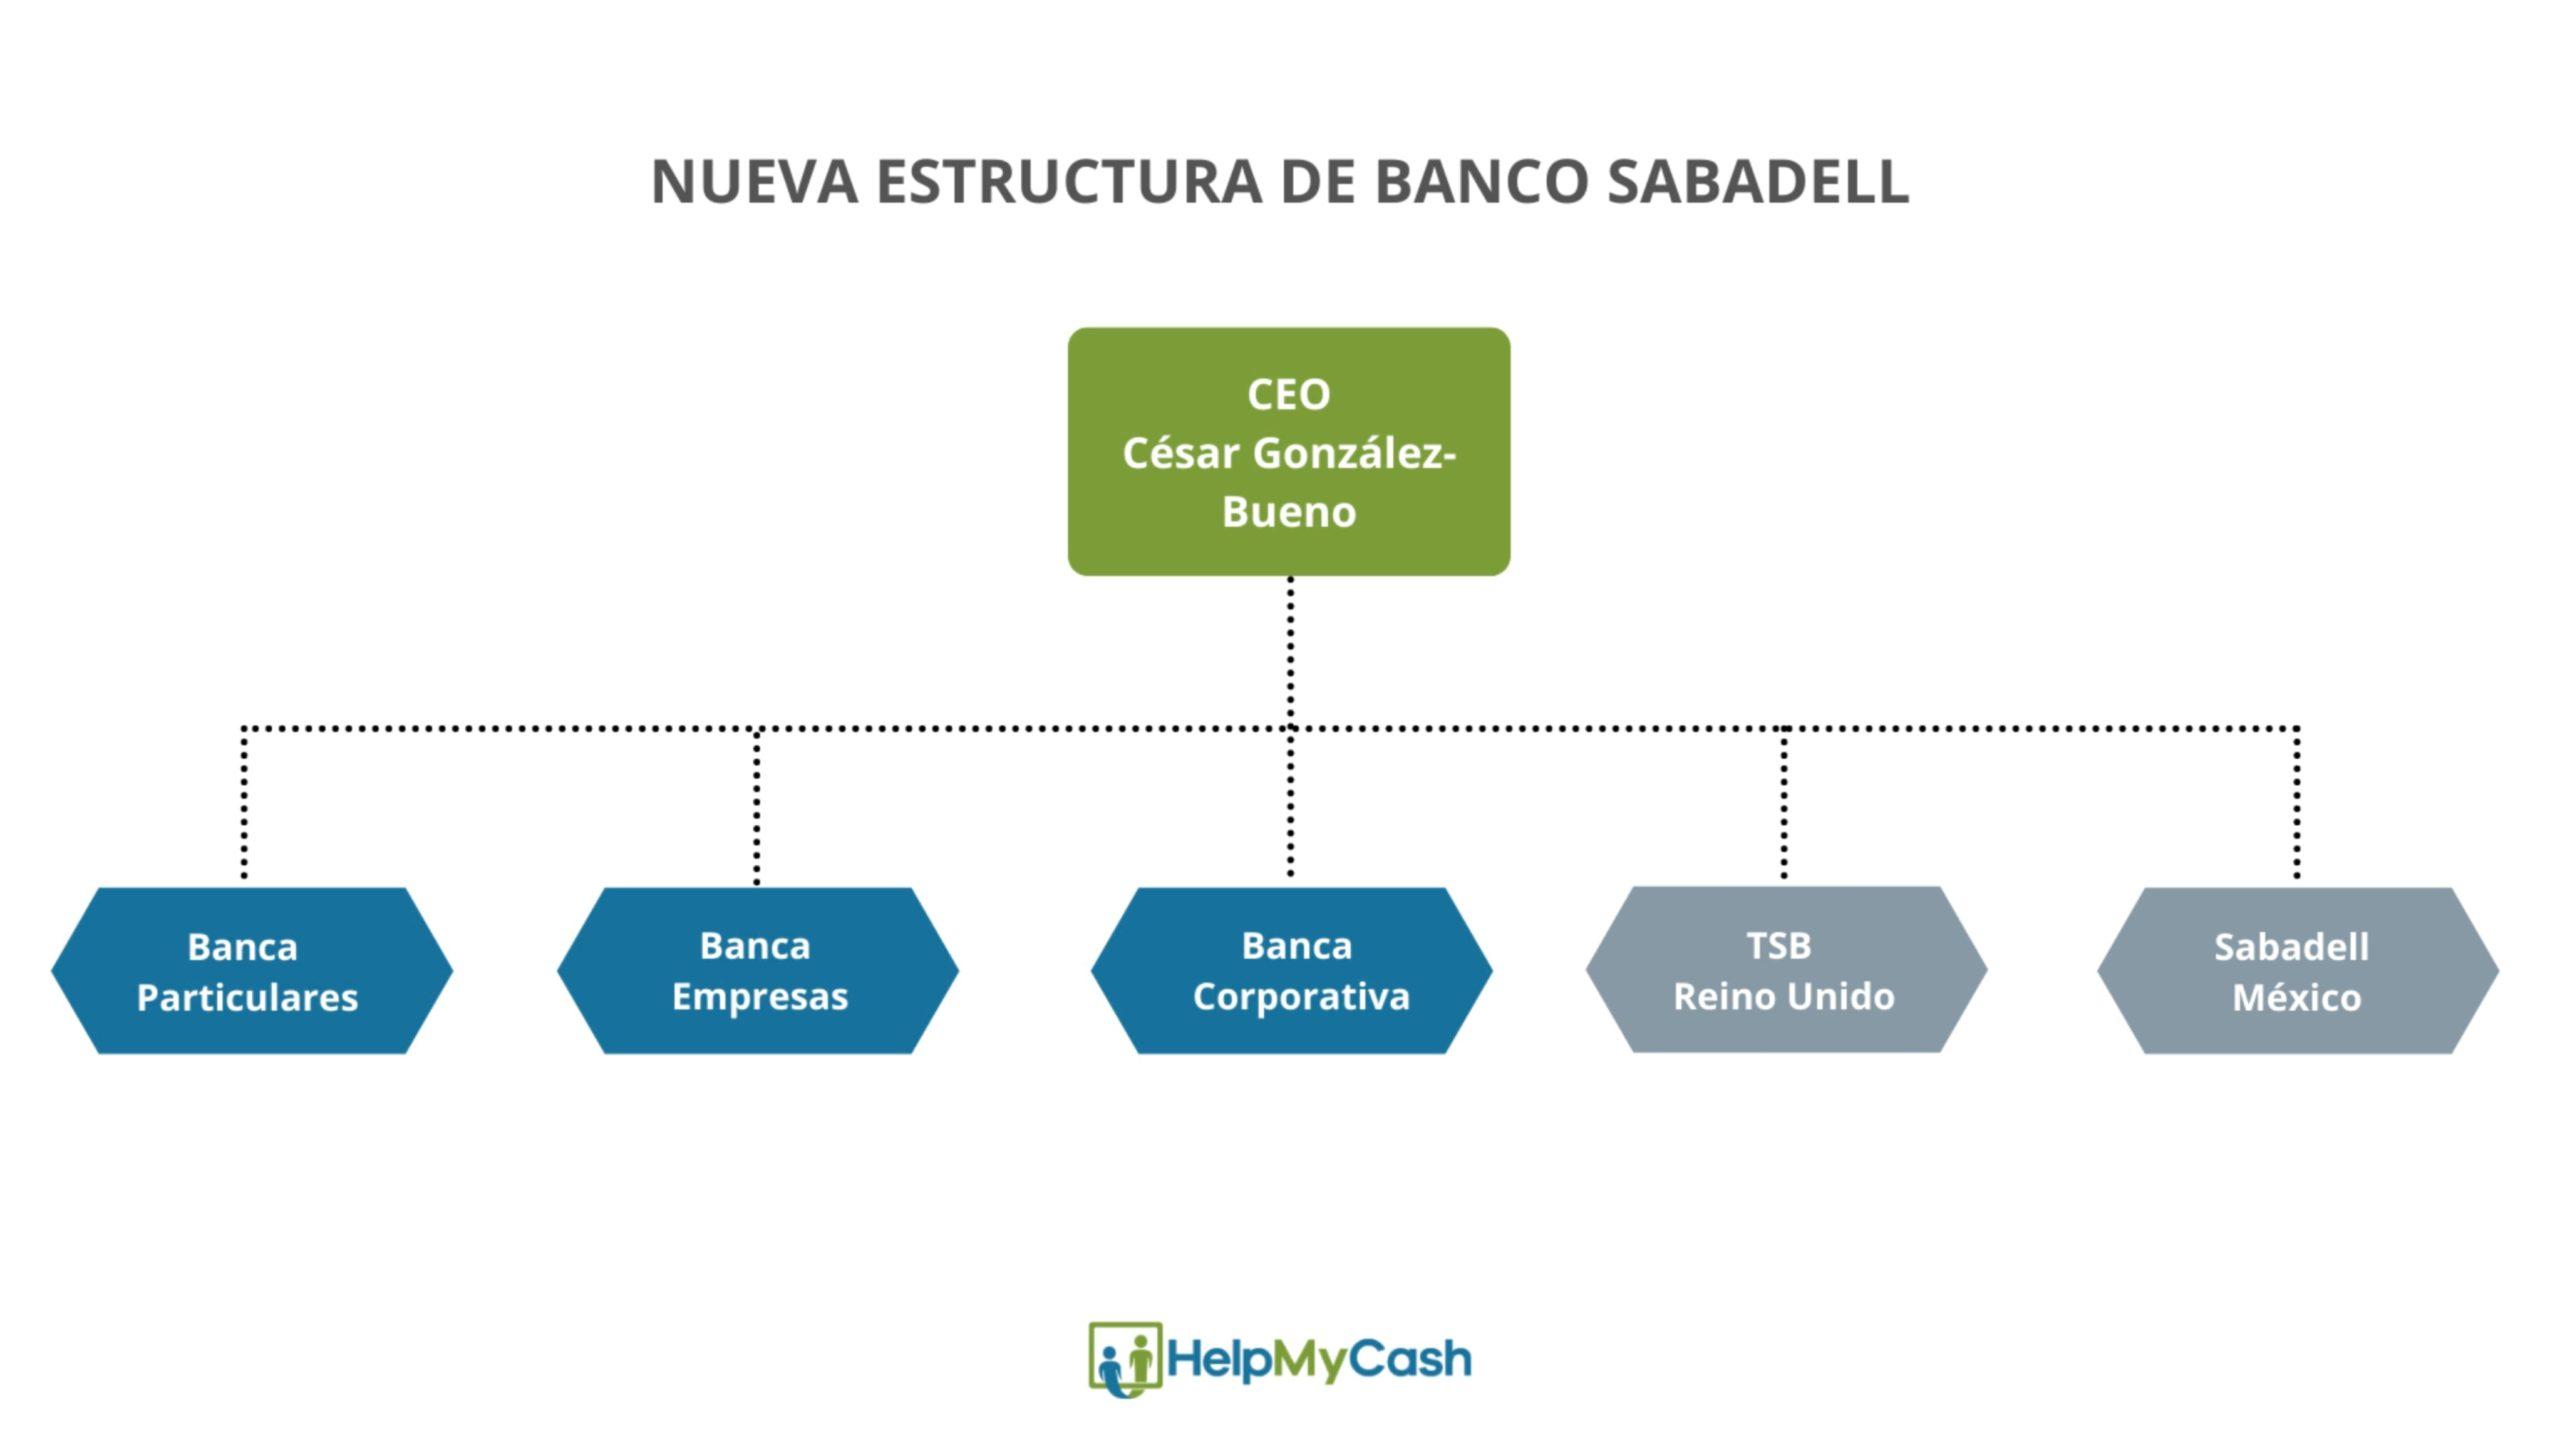 Nueva estructura Banco Sabadell